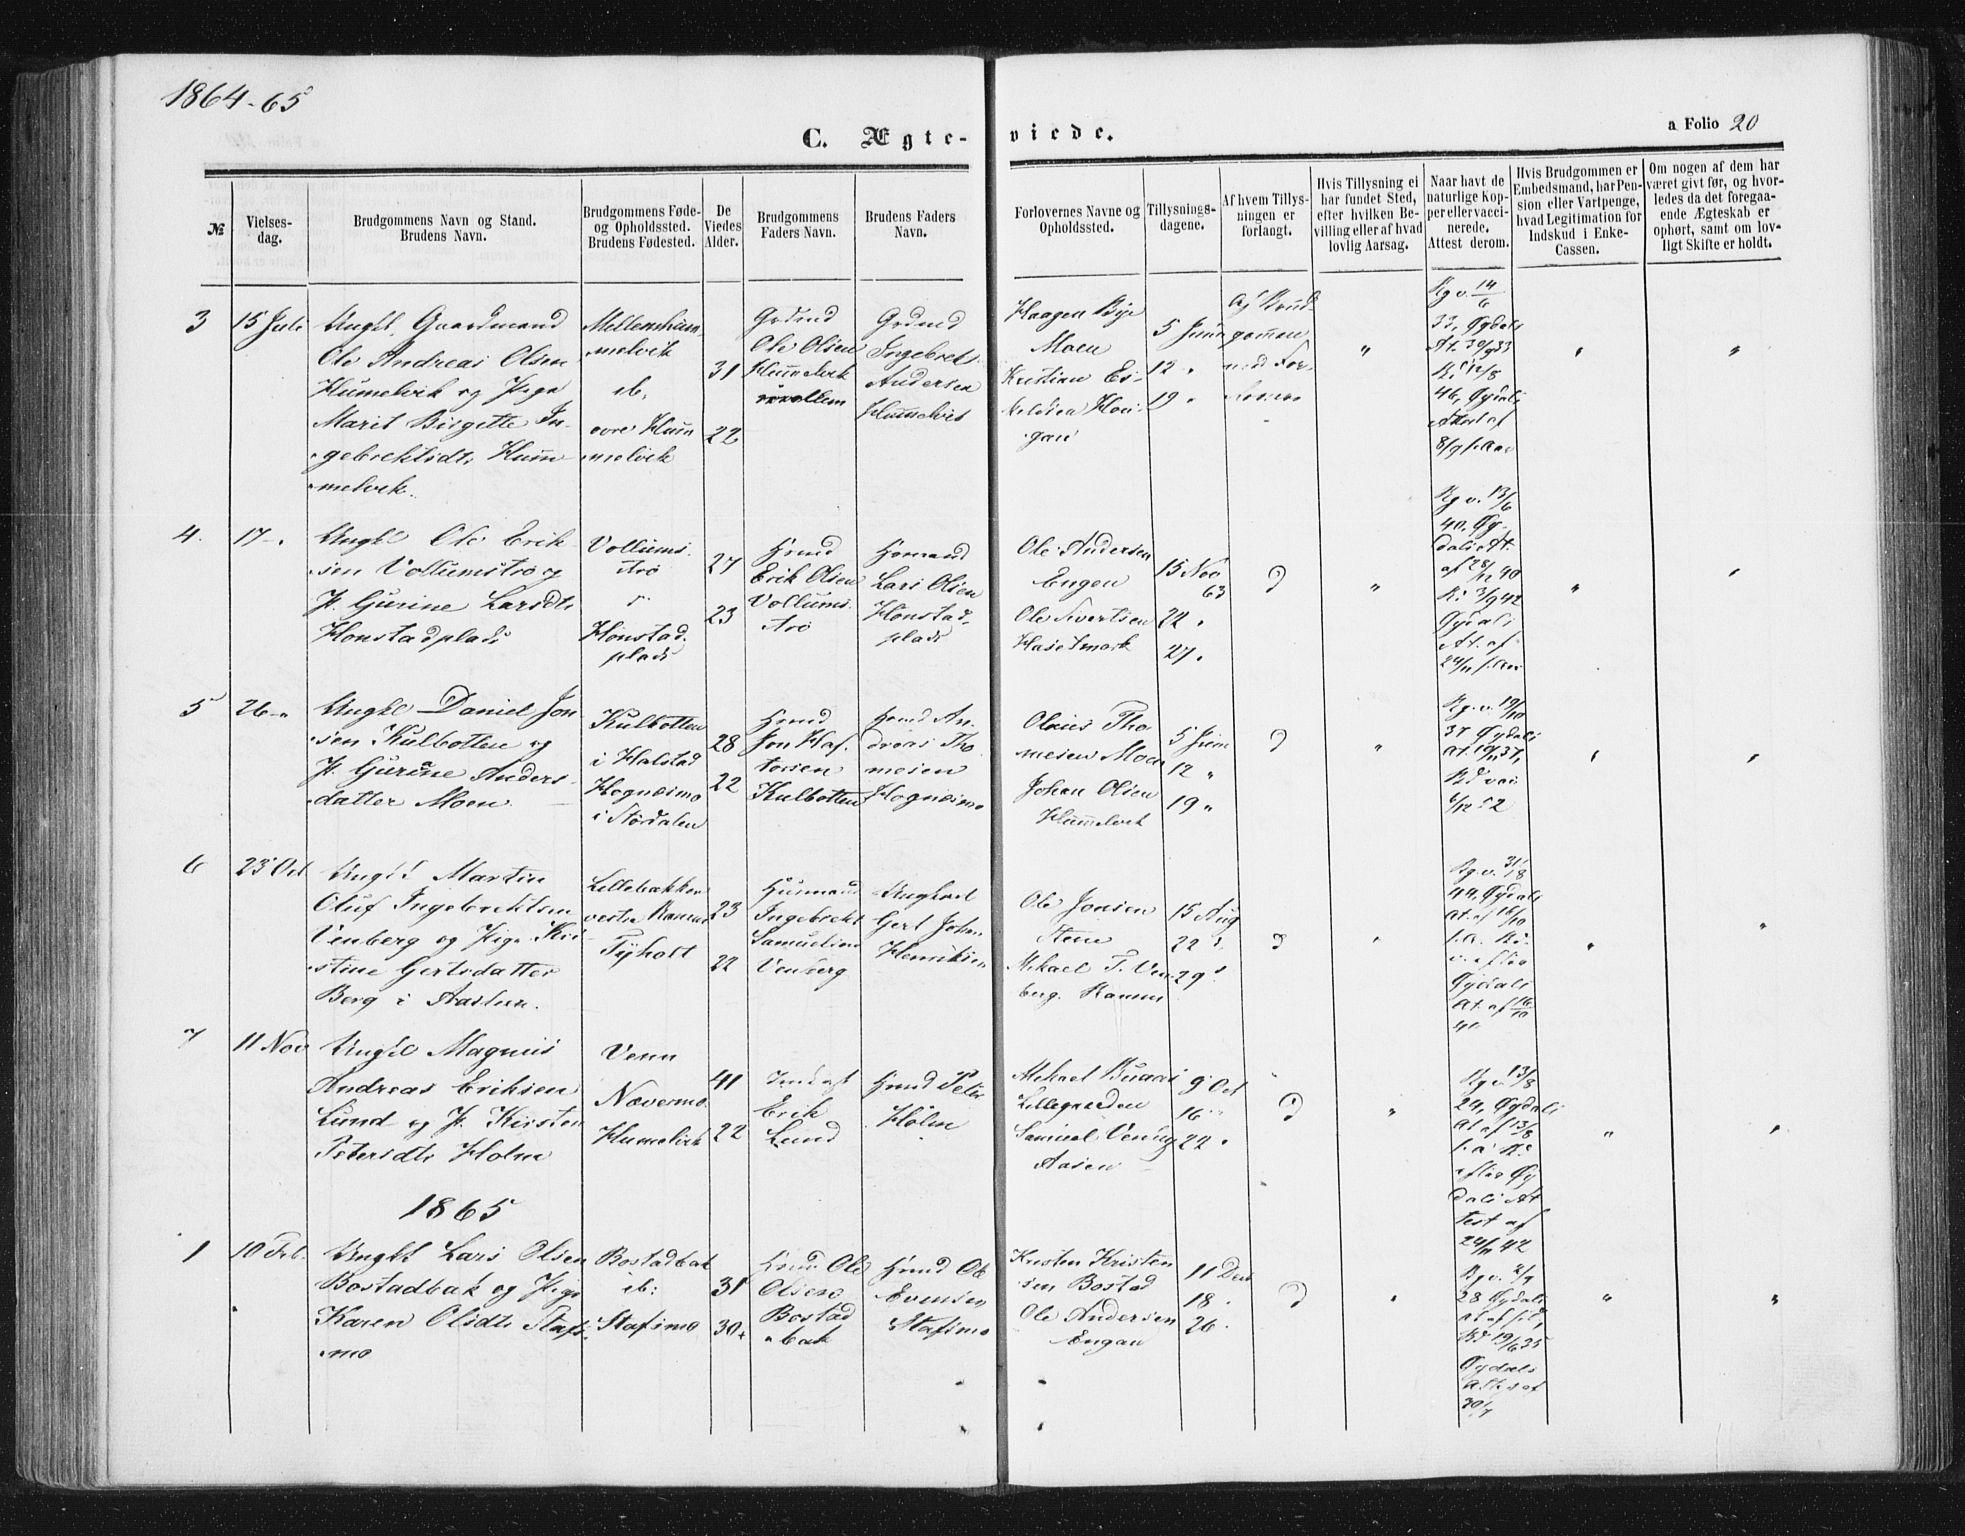 SAT, Ministerialprotokoller, klokkerbøker og fødselsregistre - Sør-Trøndelag, 616/L0408: Ministerialbok nr. 616A05, 1857-1865, s. 20